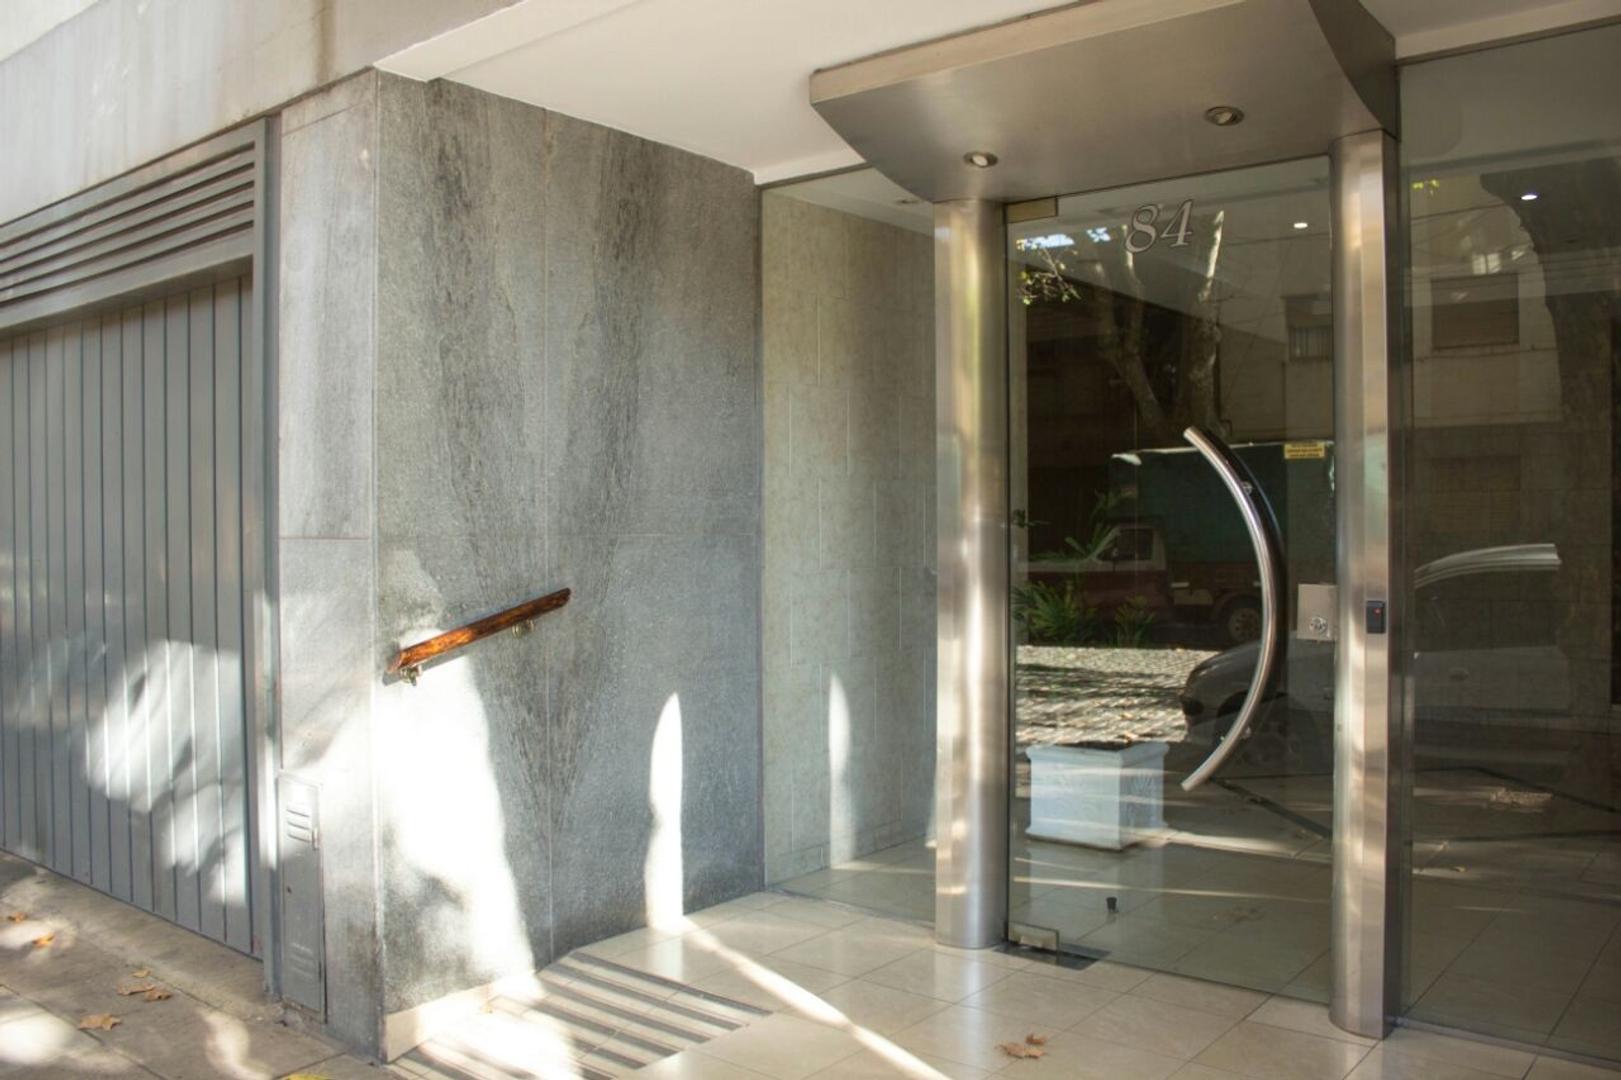 Chacarita Venta Departamento 3 ambientes-Contrafrente-Muy Buen Estado